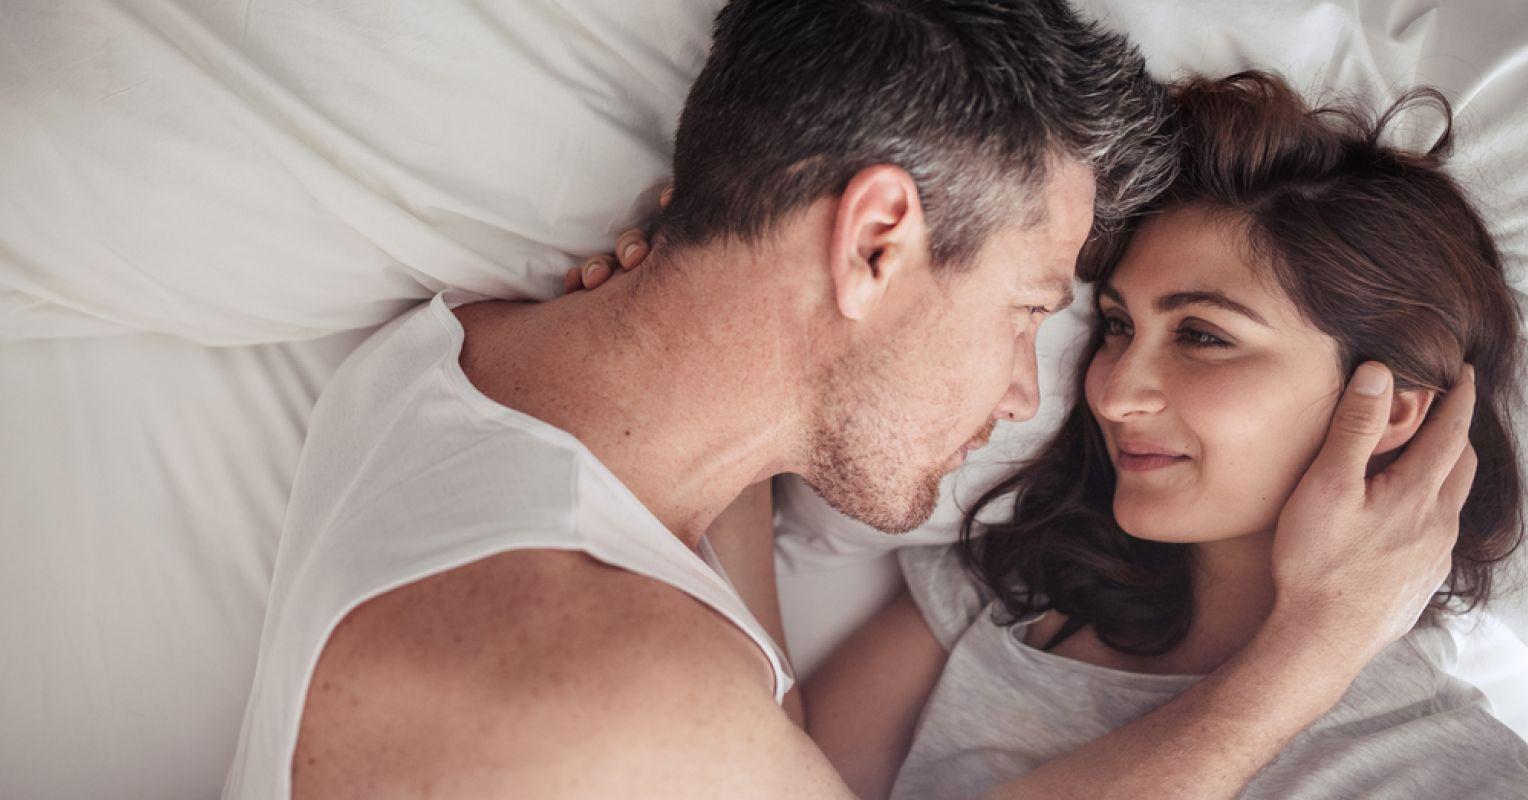 Sexo, sudor y confianza